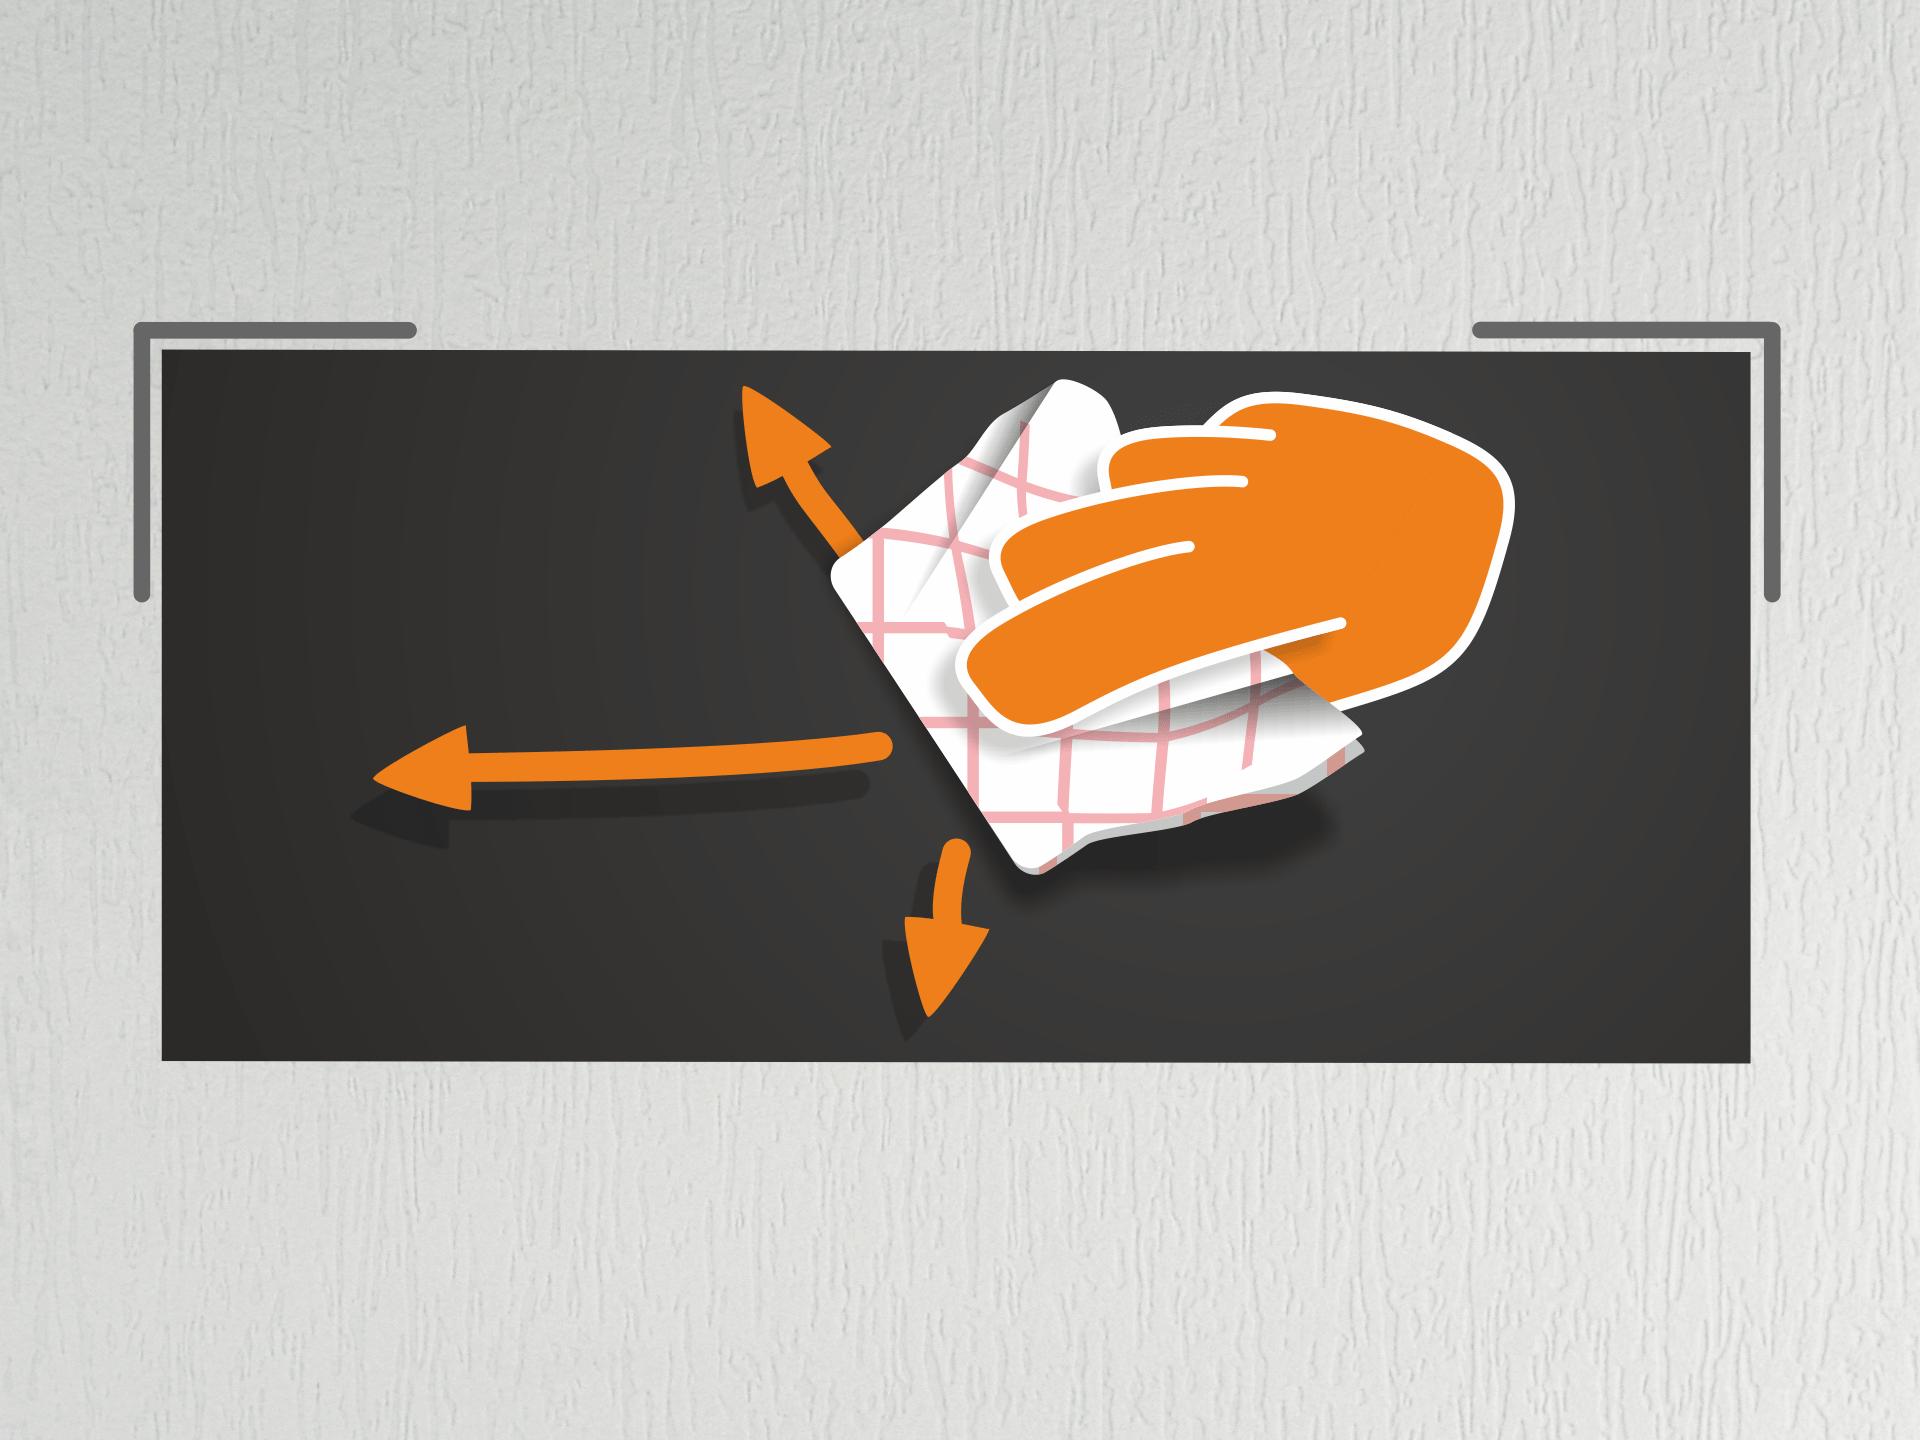 Jetzt die Tafelfolie sehr straff halten und an den Markierungen auf der Wand anlegen. Nun das Geschirrtuch zu einem Ballen formen und die Tafelfolie (von der Mitte aus) mehrfach andrücken. Bei glatten Untergründen kannst Du auch den Rakel zum Andrücken nehmen.